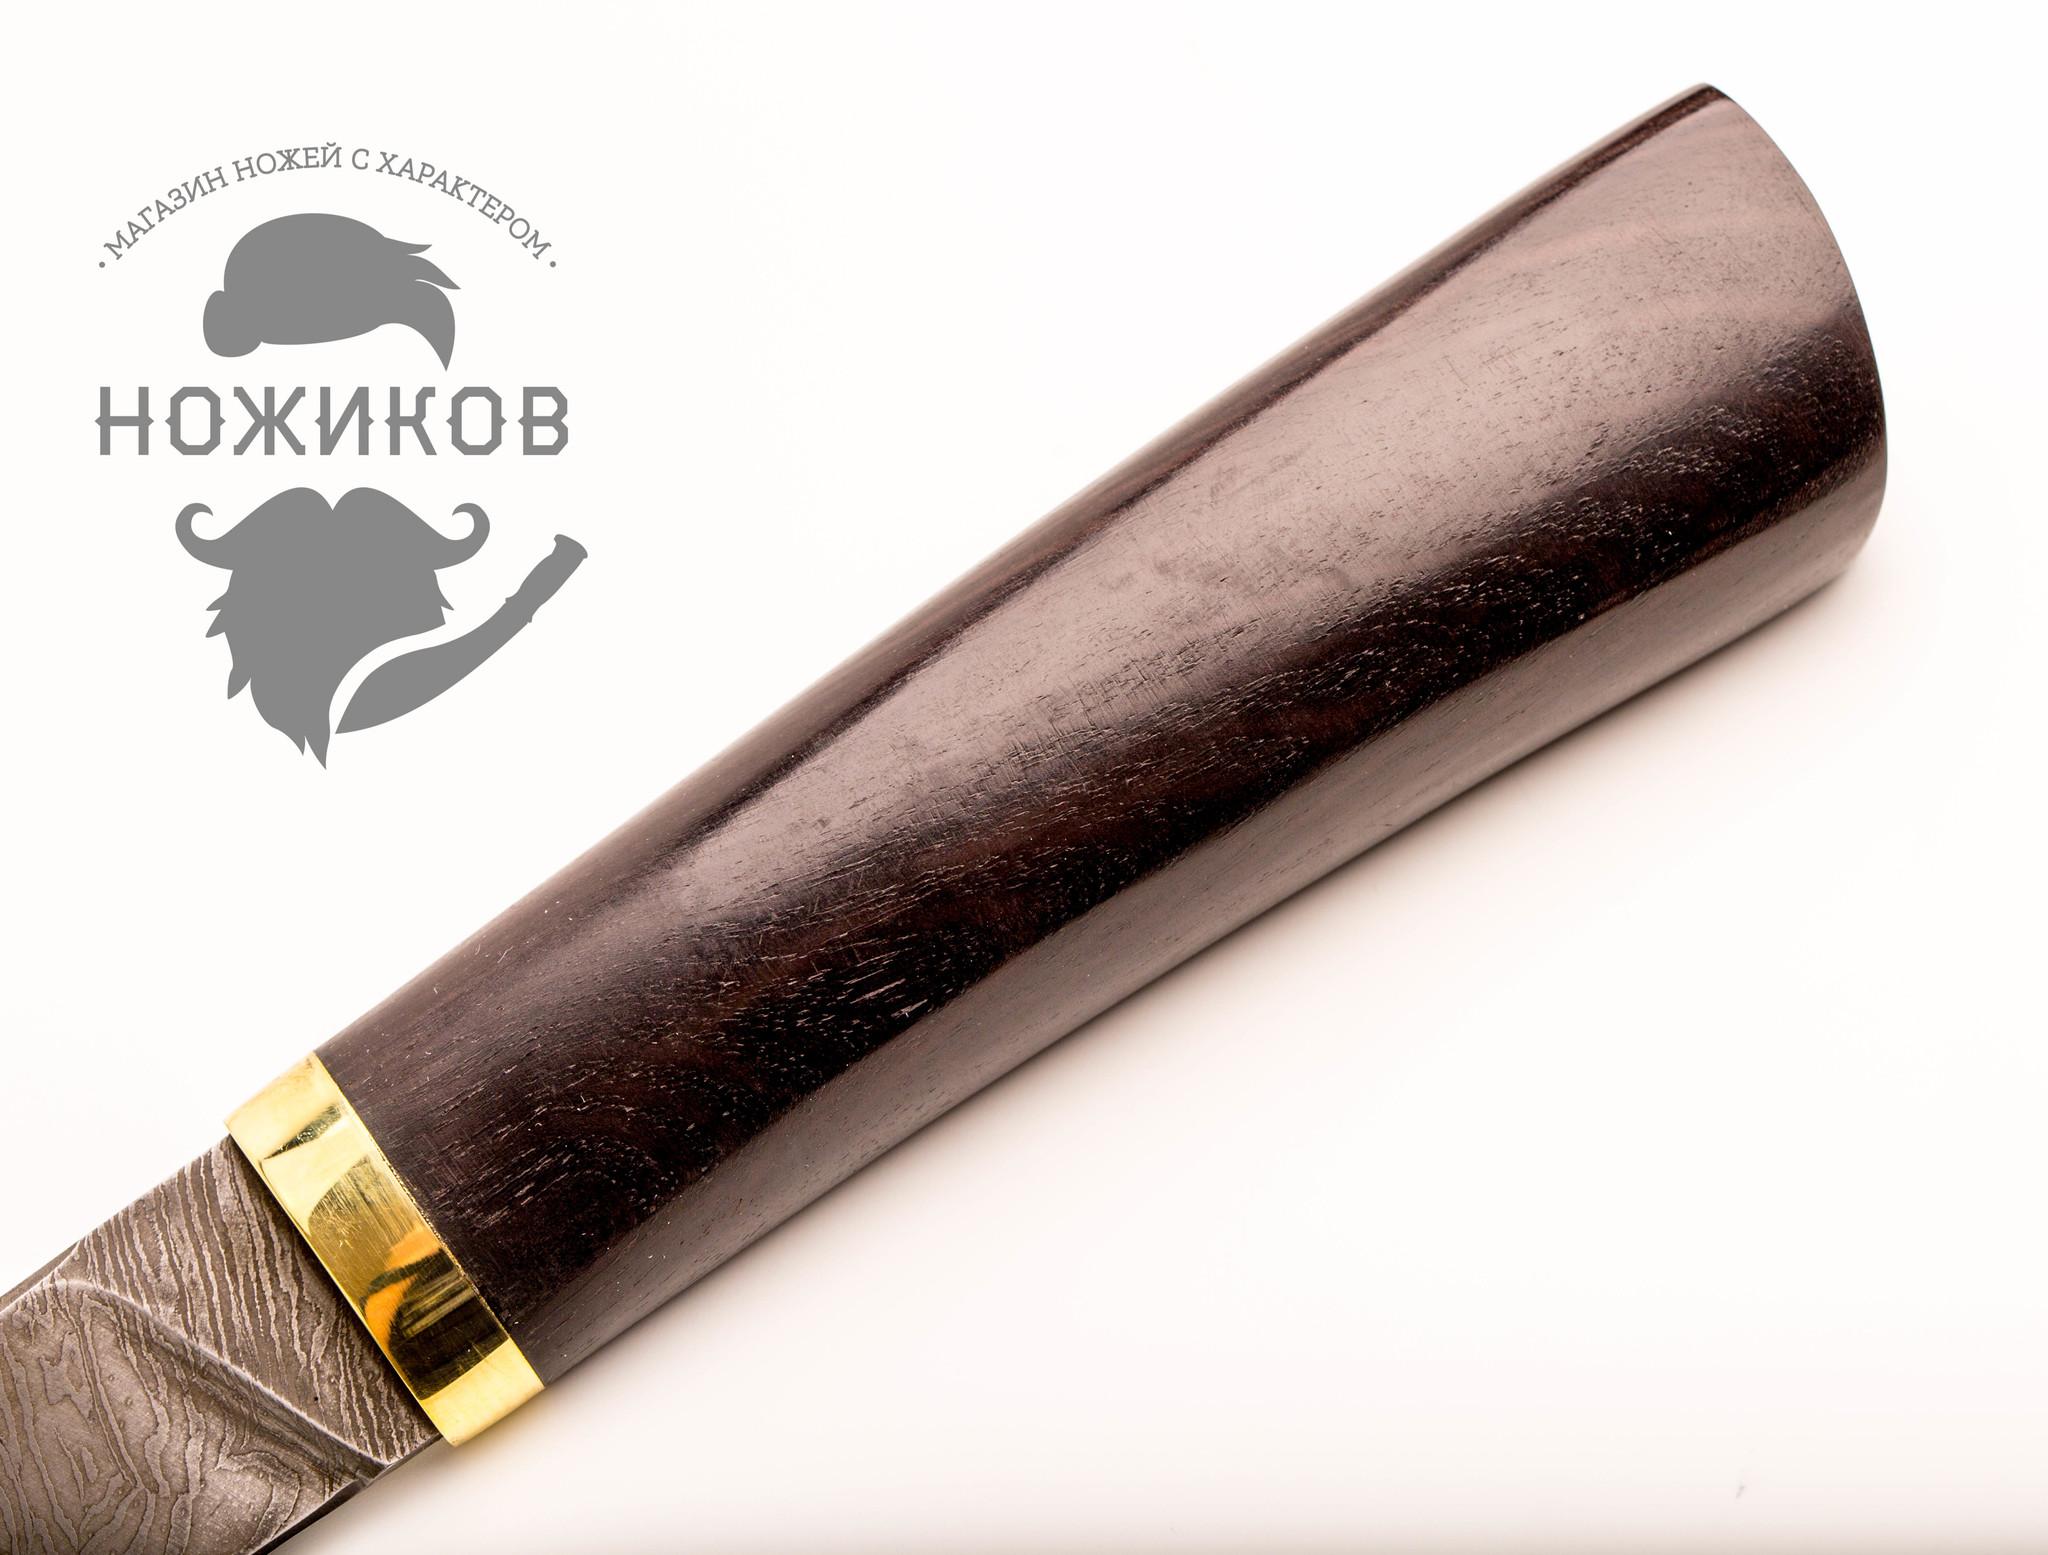 Фото 7 - Нож Тайга, дамасская сталь от Промтехснаб